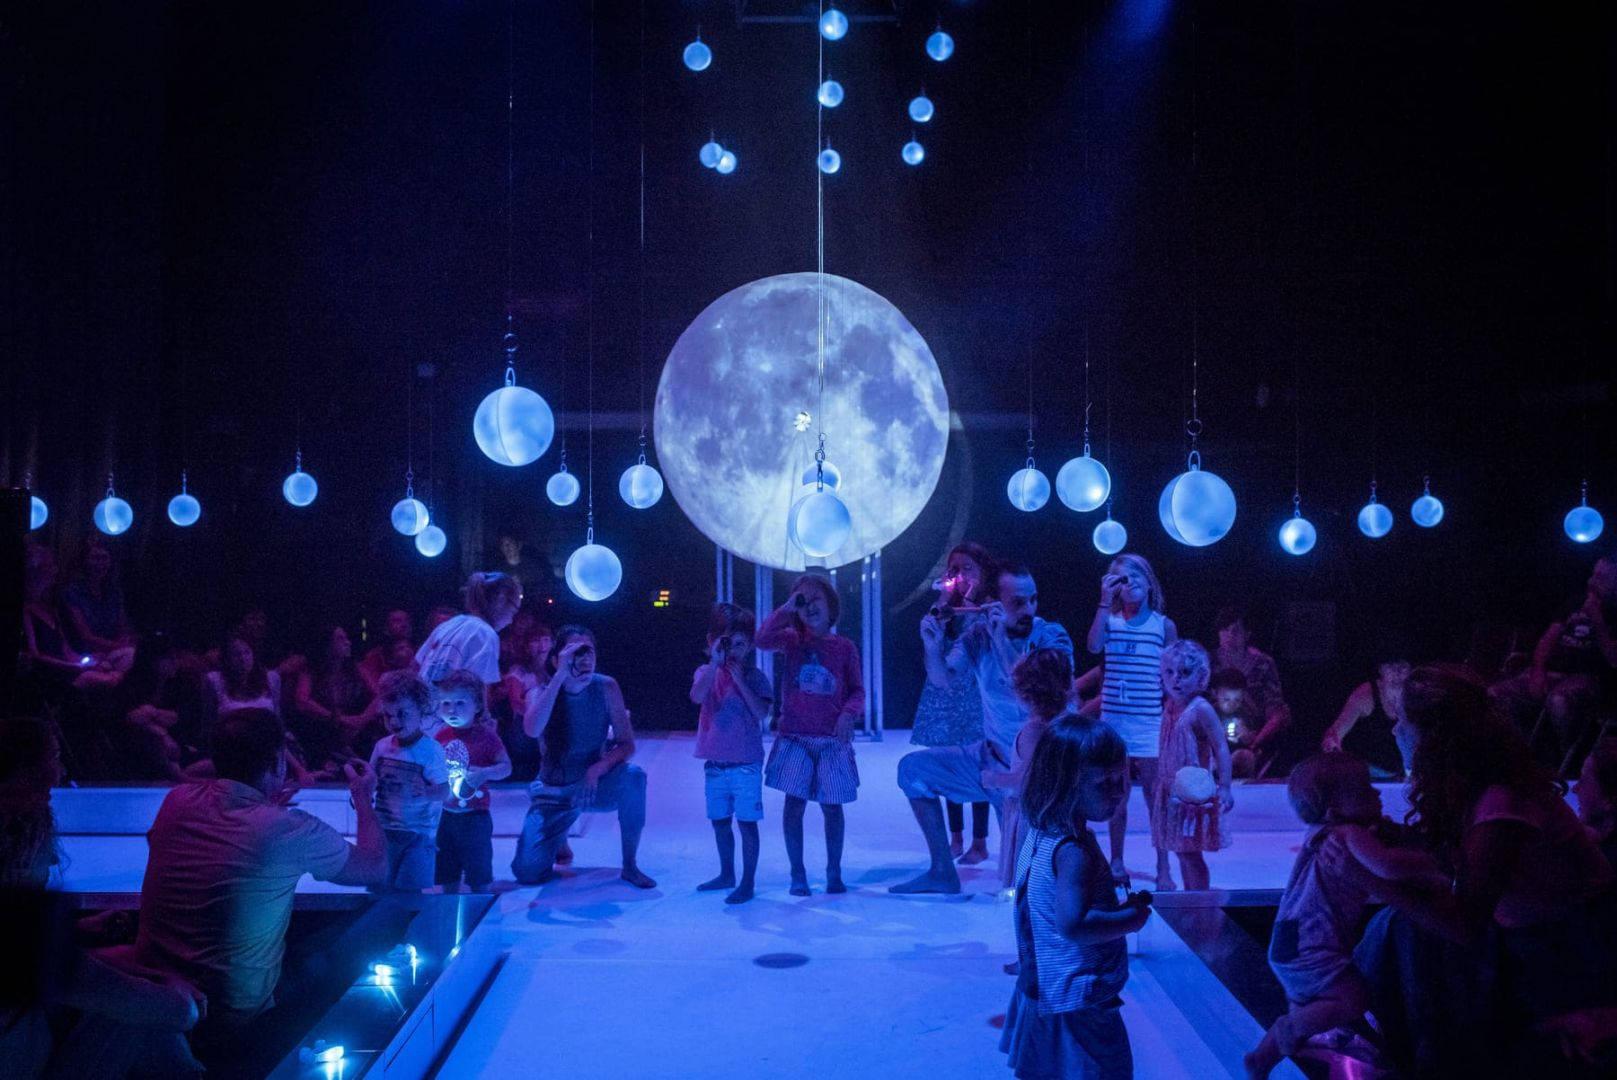 La luna en un cazo (un espectáculo incomprendido)